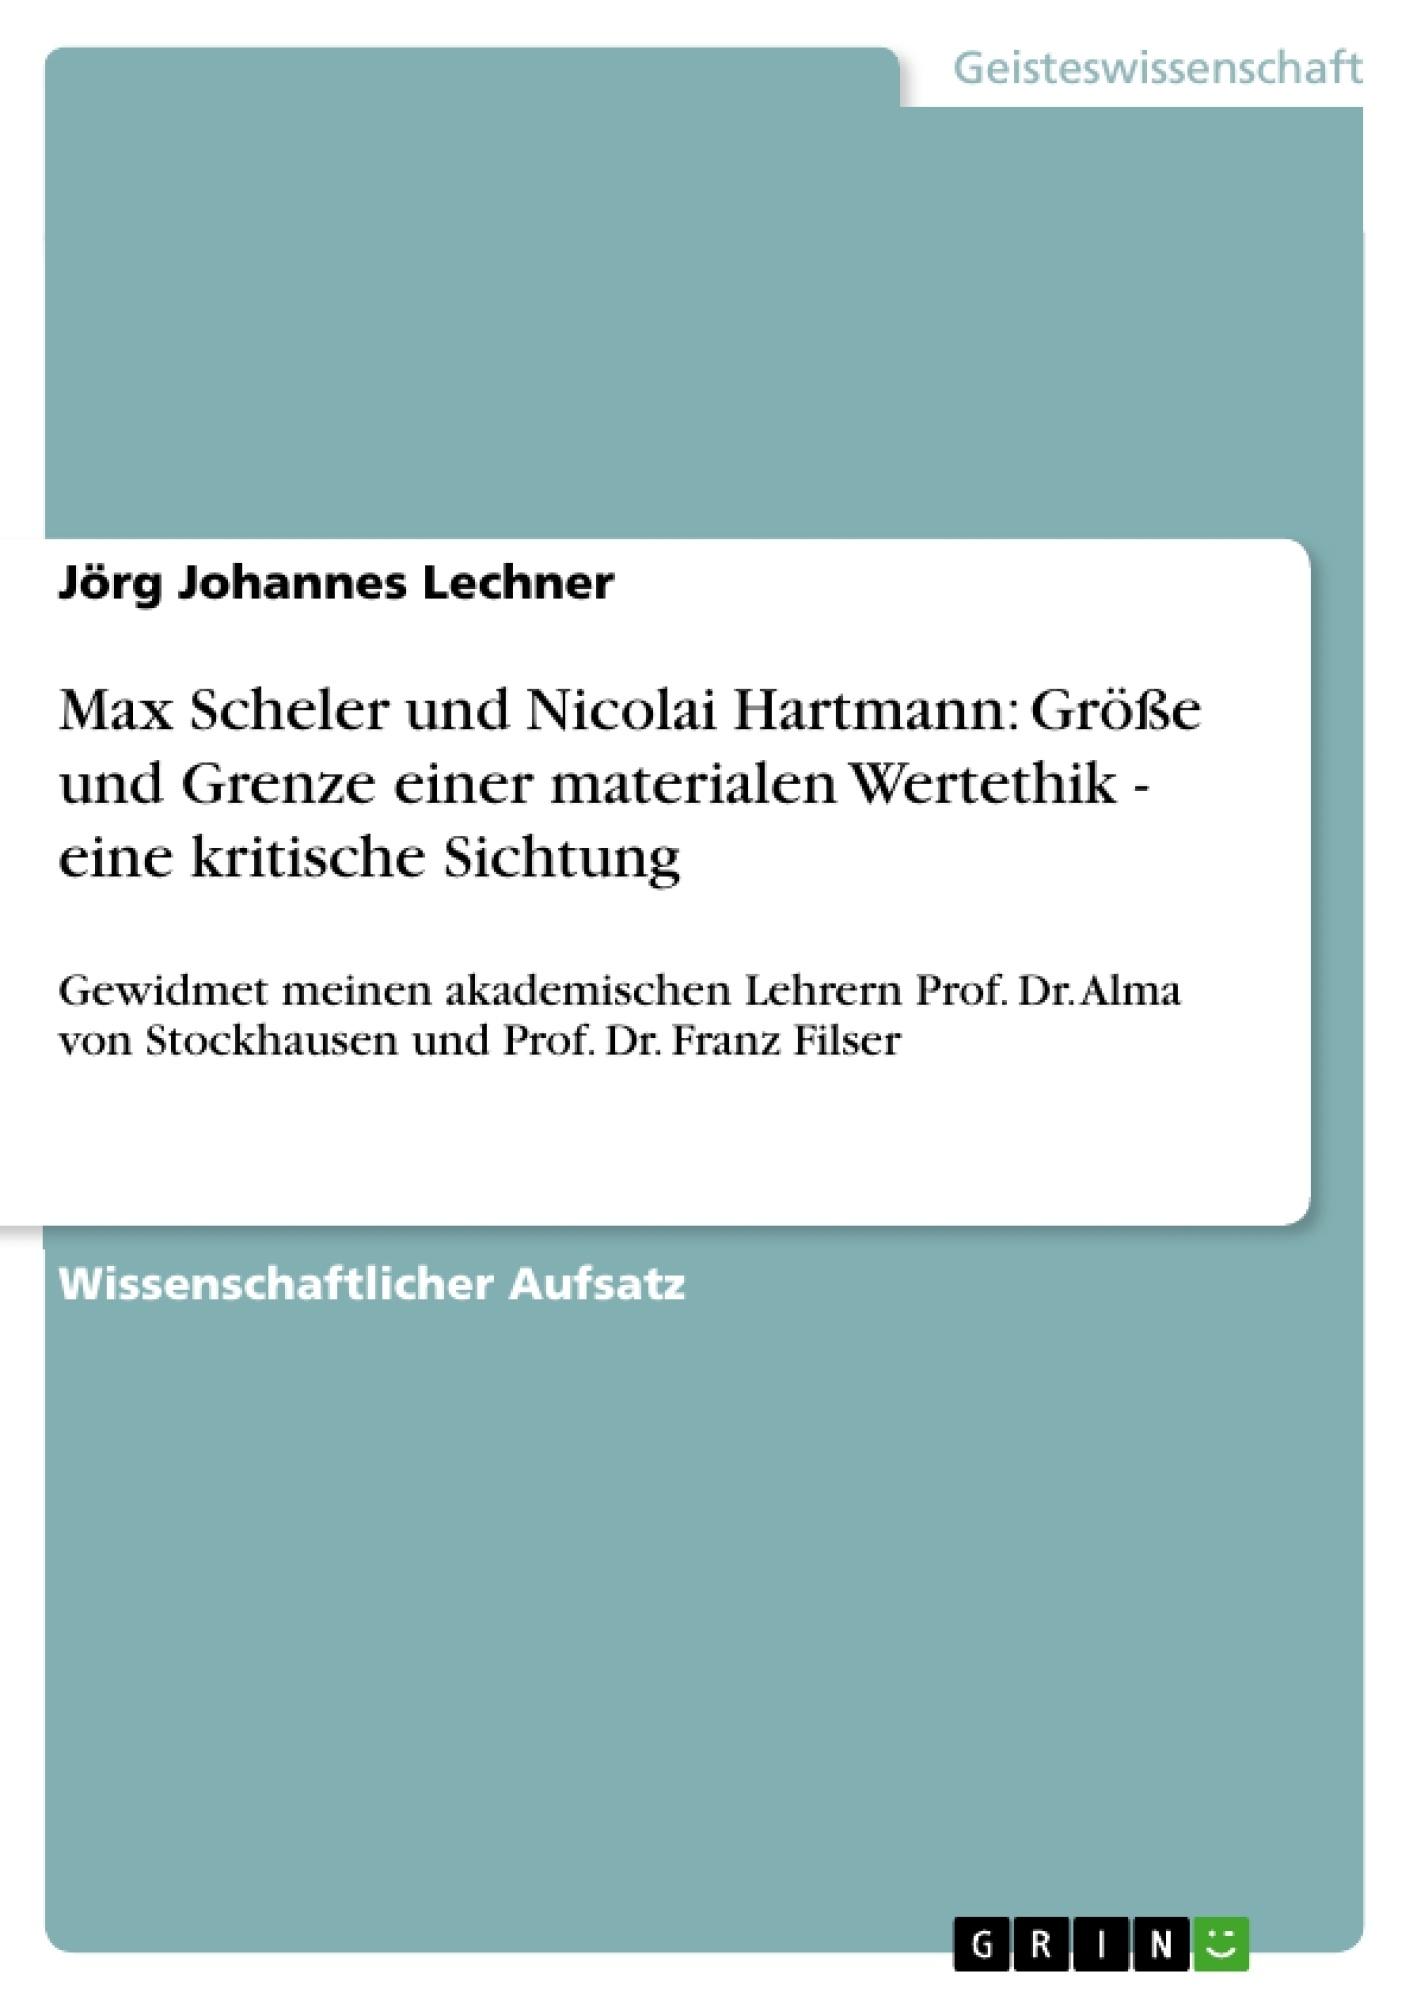 Titel: Max Scheler und Nicolai Hartmann: Größe und Grenze einer materialen Wertethik - eine kritische Sichtung